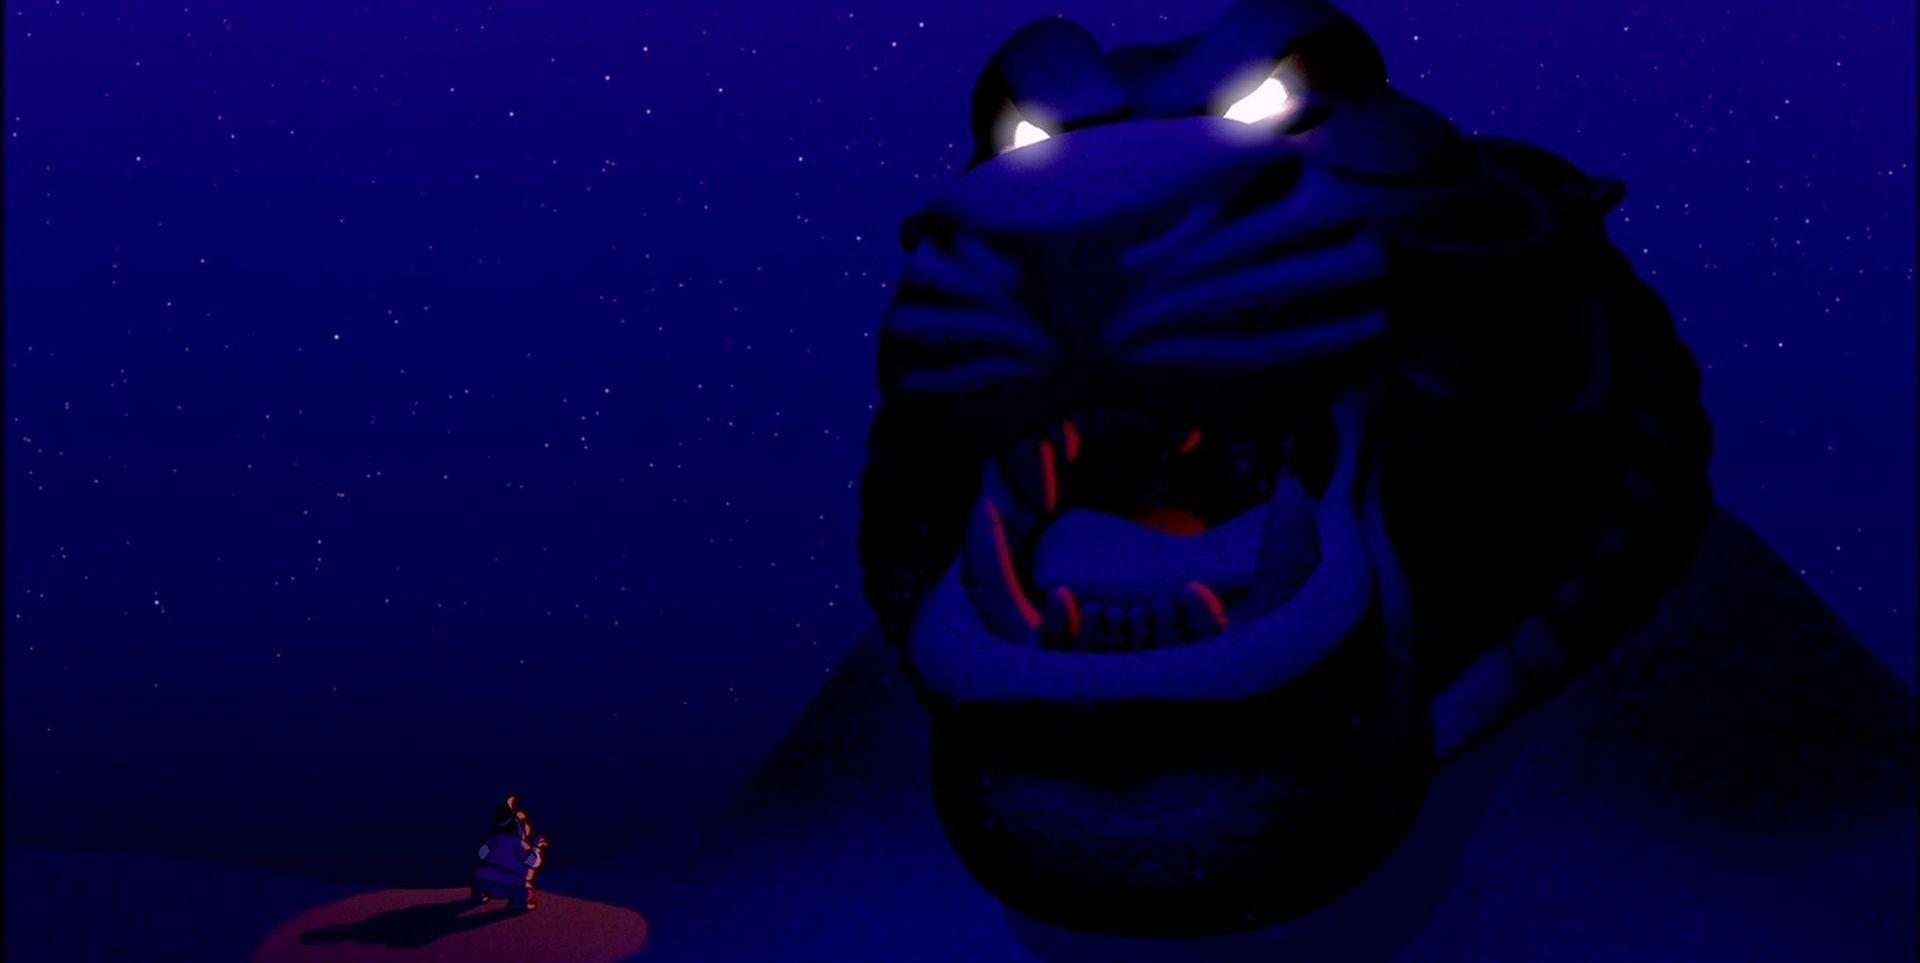 Aladdin disney remake guionista